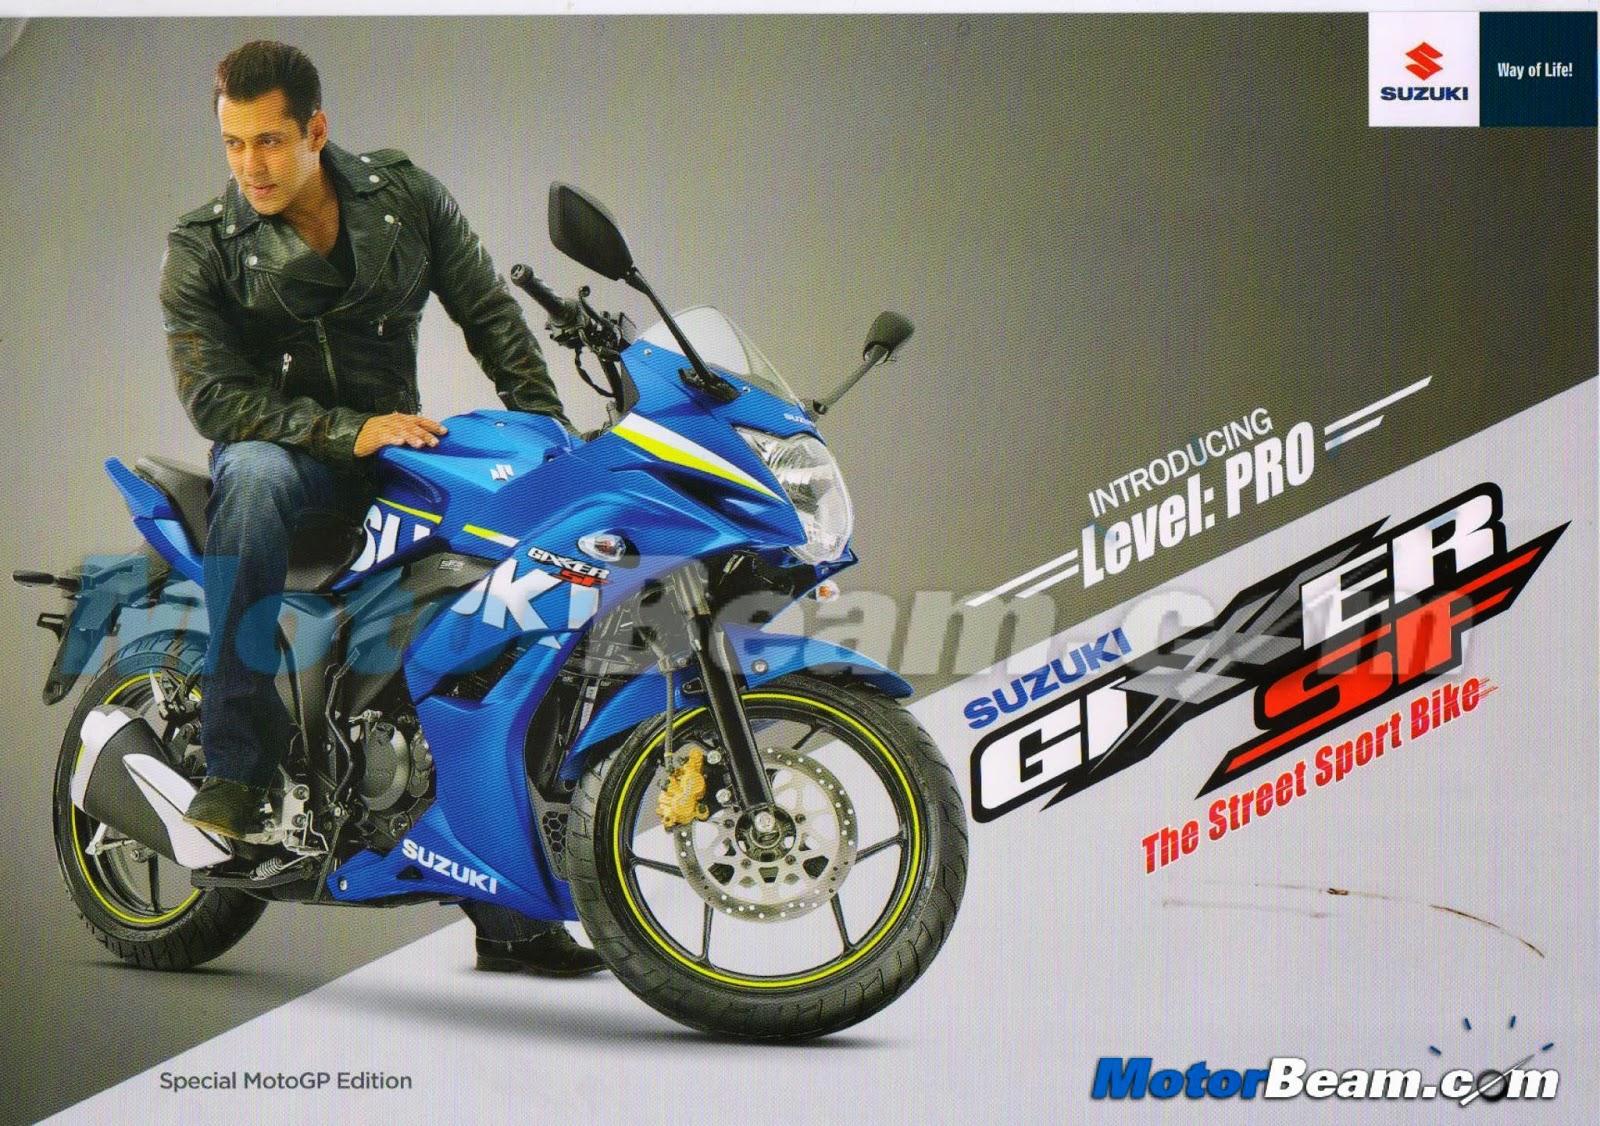 Ini dia tampang Suzuki Gixxer livery MotoGP